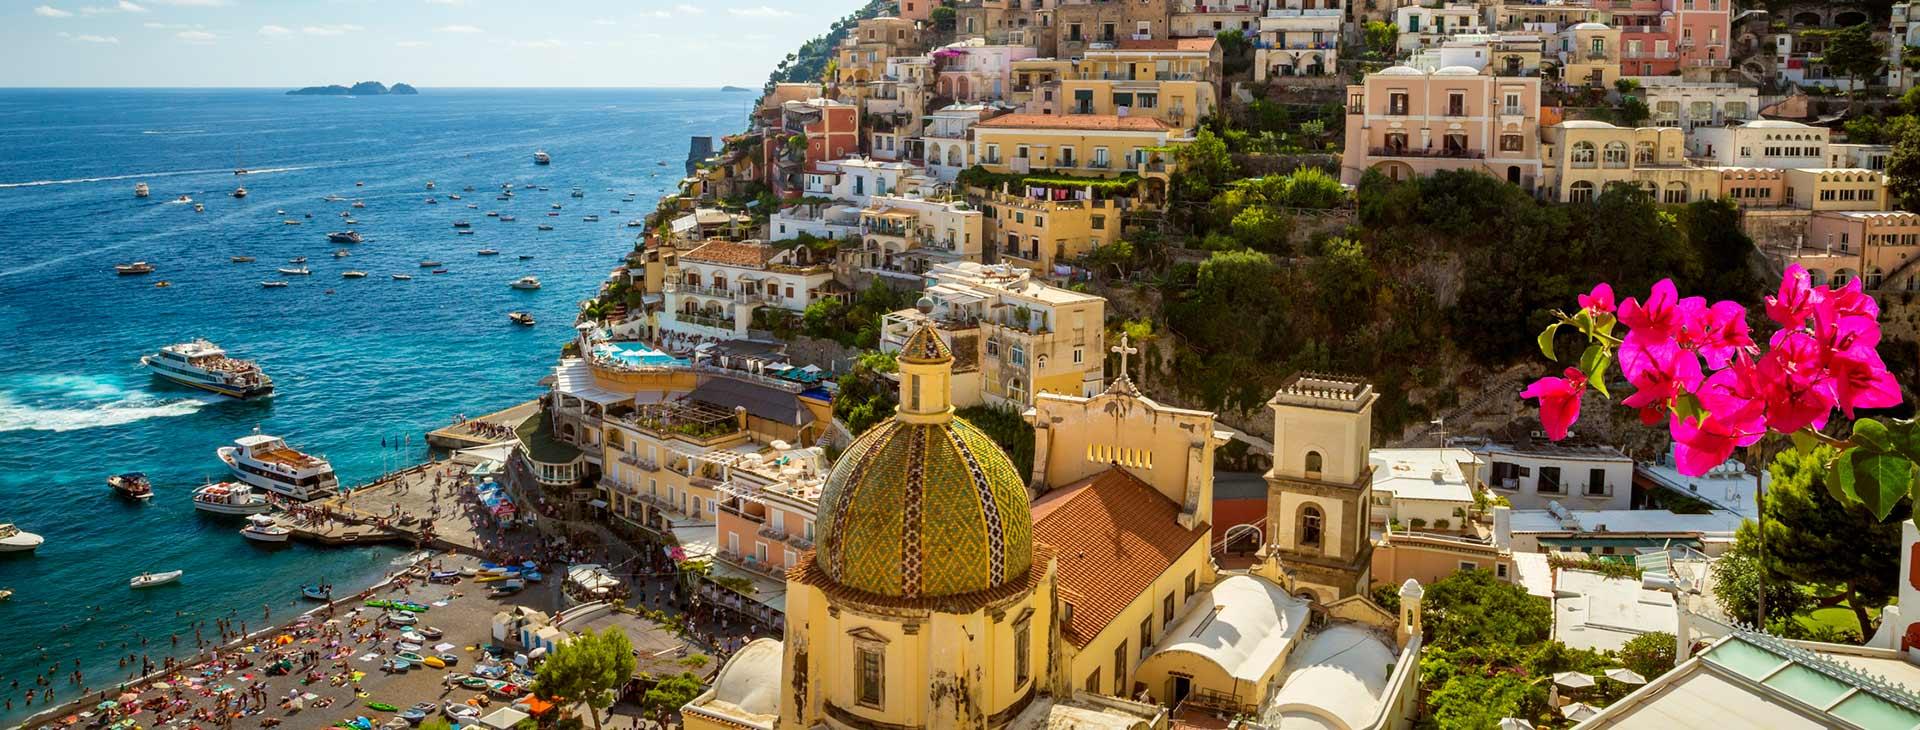 wycieczka objazdowa Włochy - O Sole Mio!